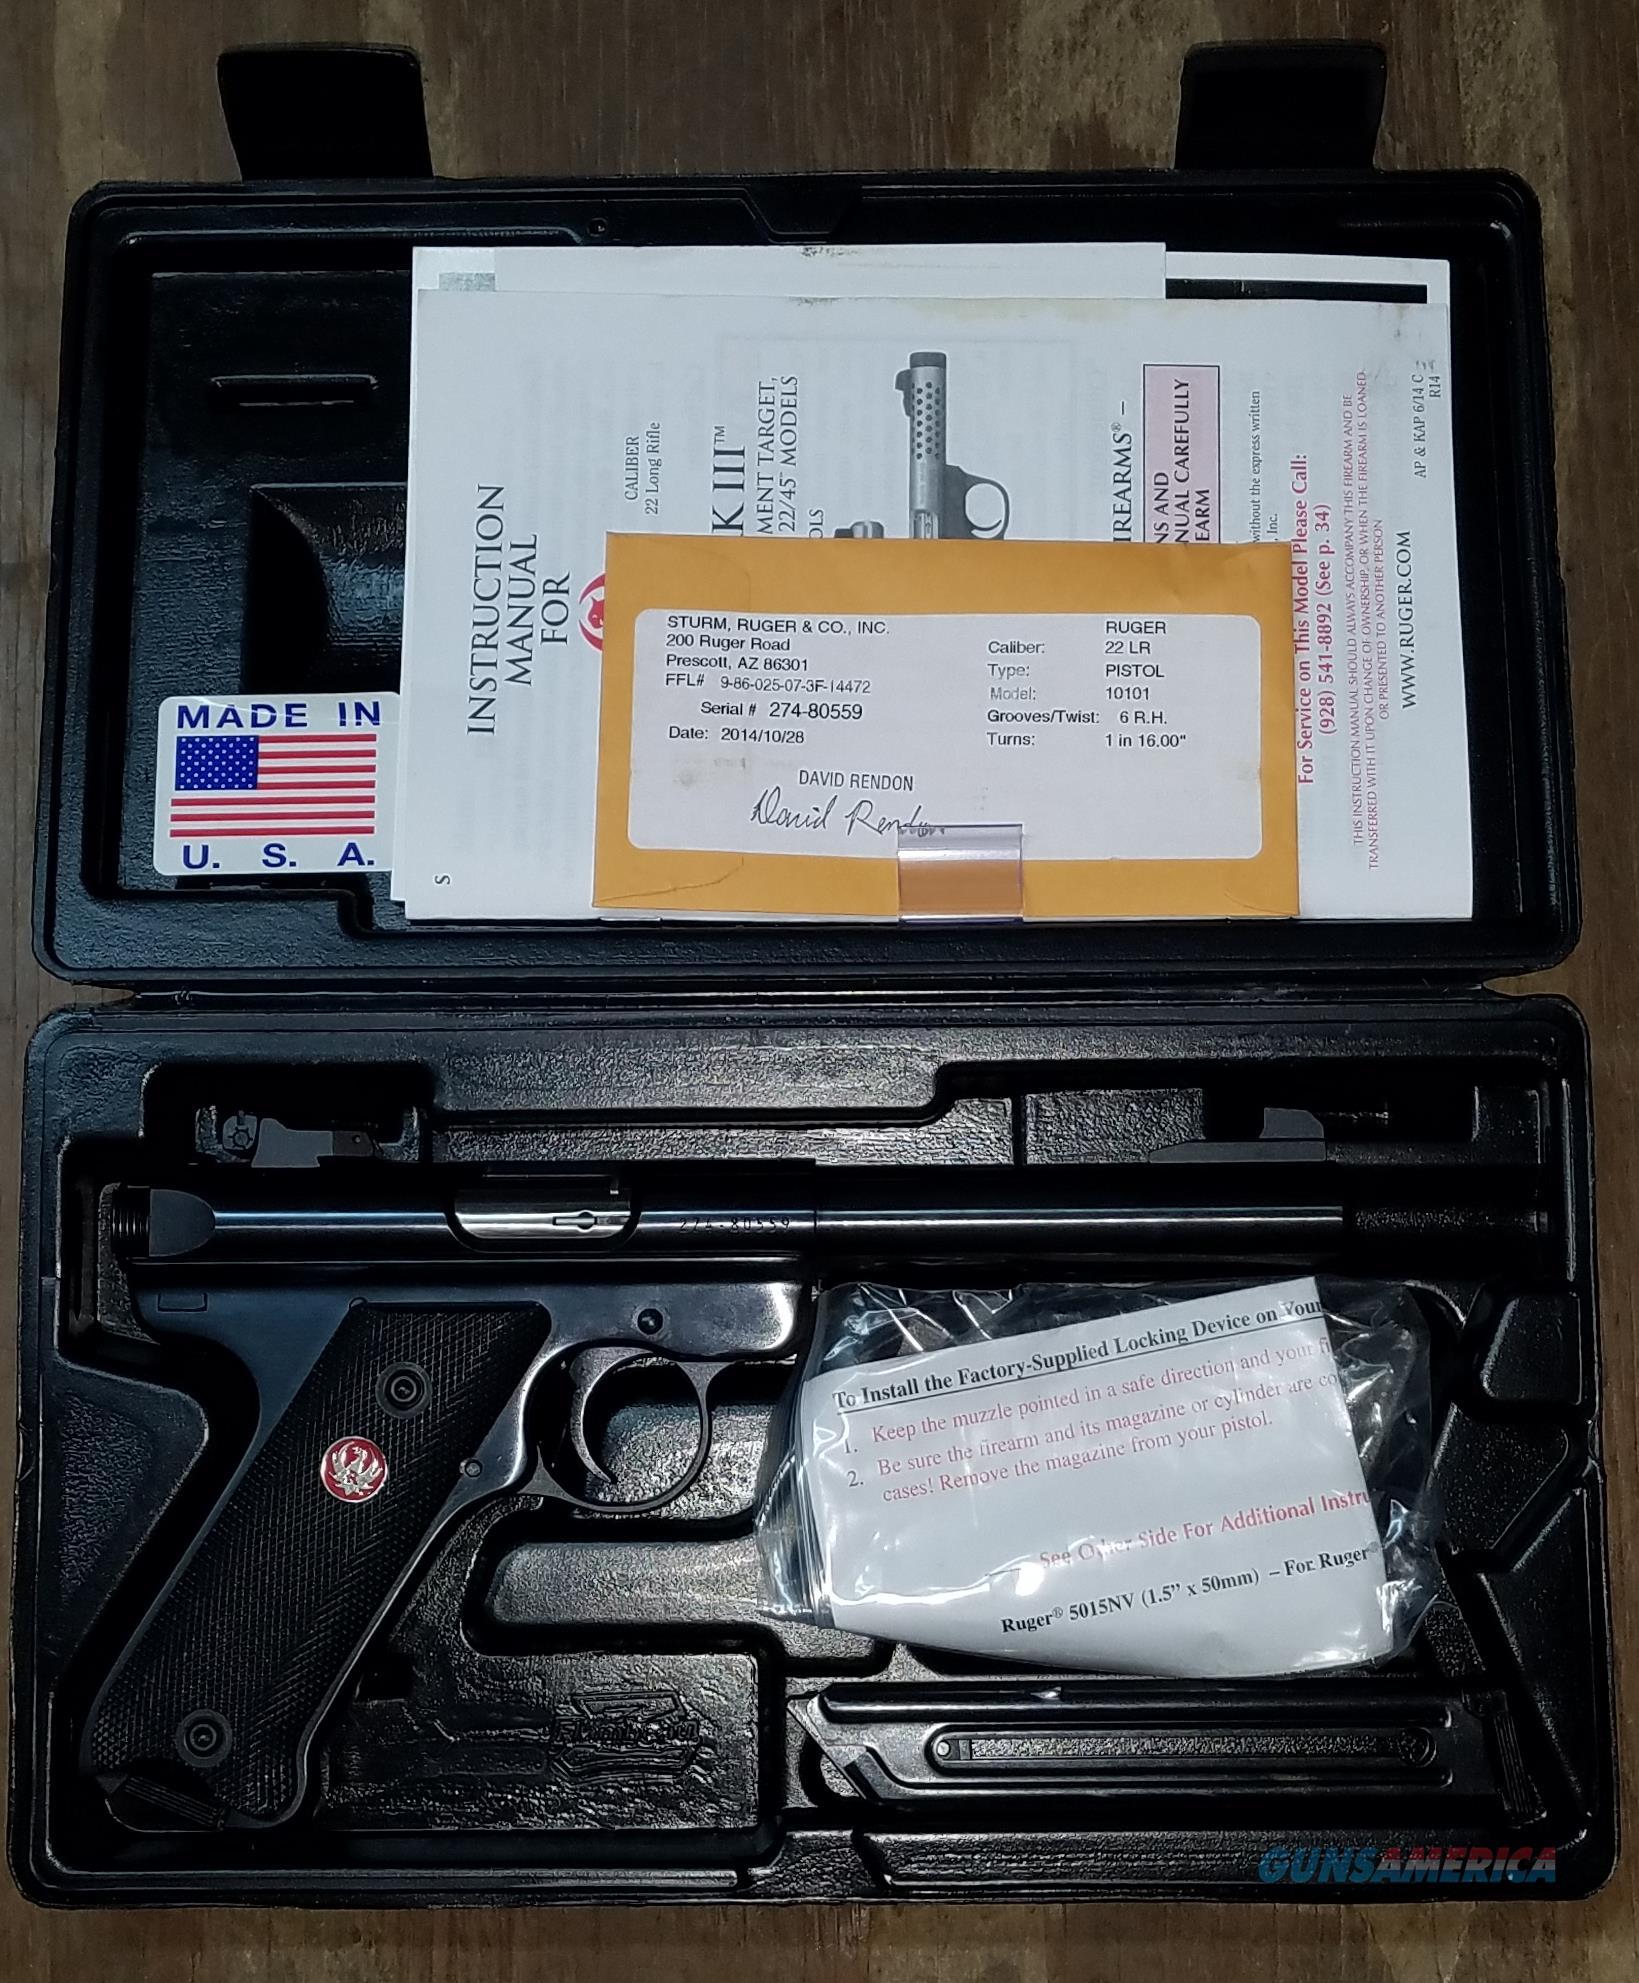 Ruger Mark III .22 LR Pistol 10105  Guns > Pistols > Ruger Semi-Auto Pistols > Mark I/II/III/IV Family